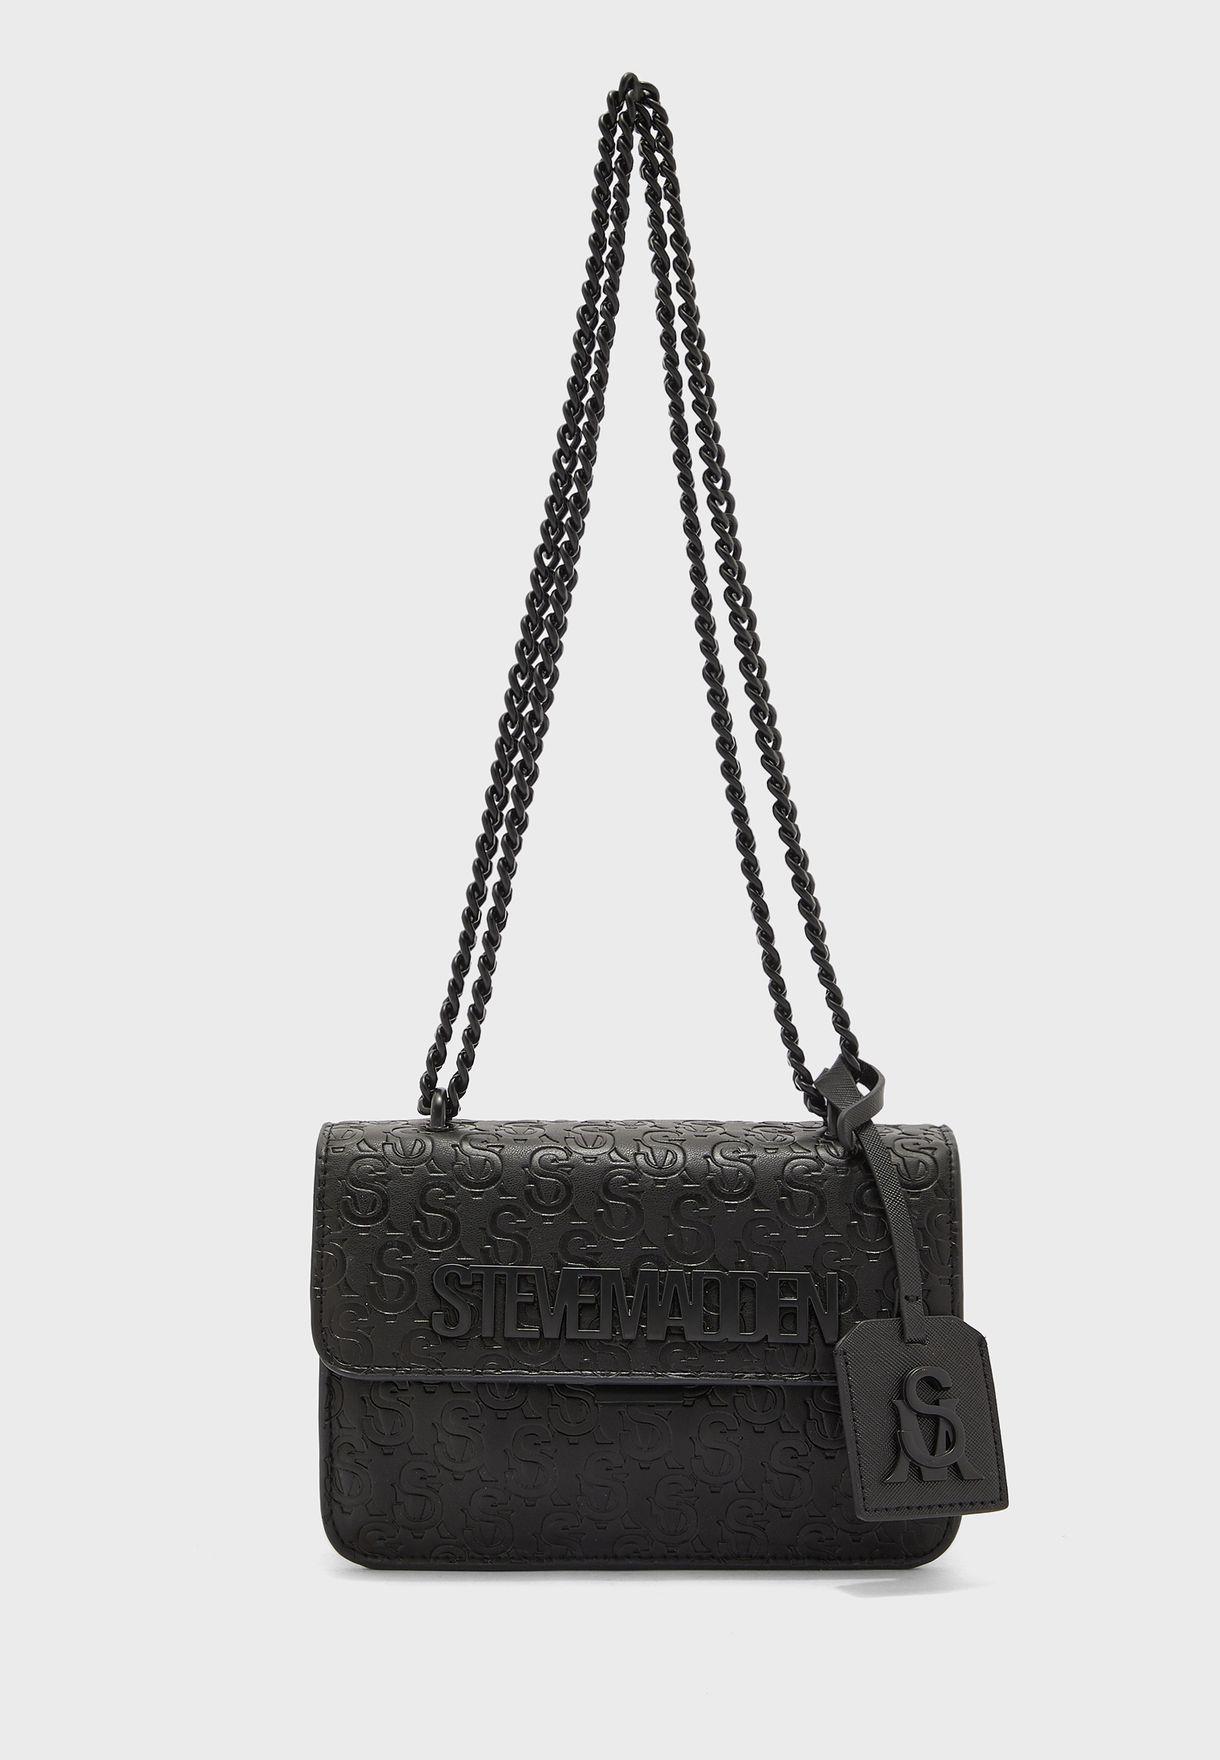 Bcoal Cross Body Bag